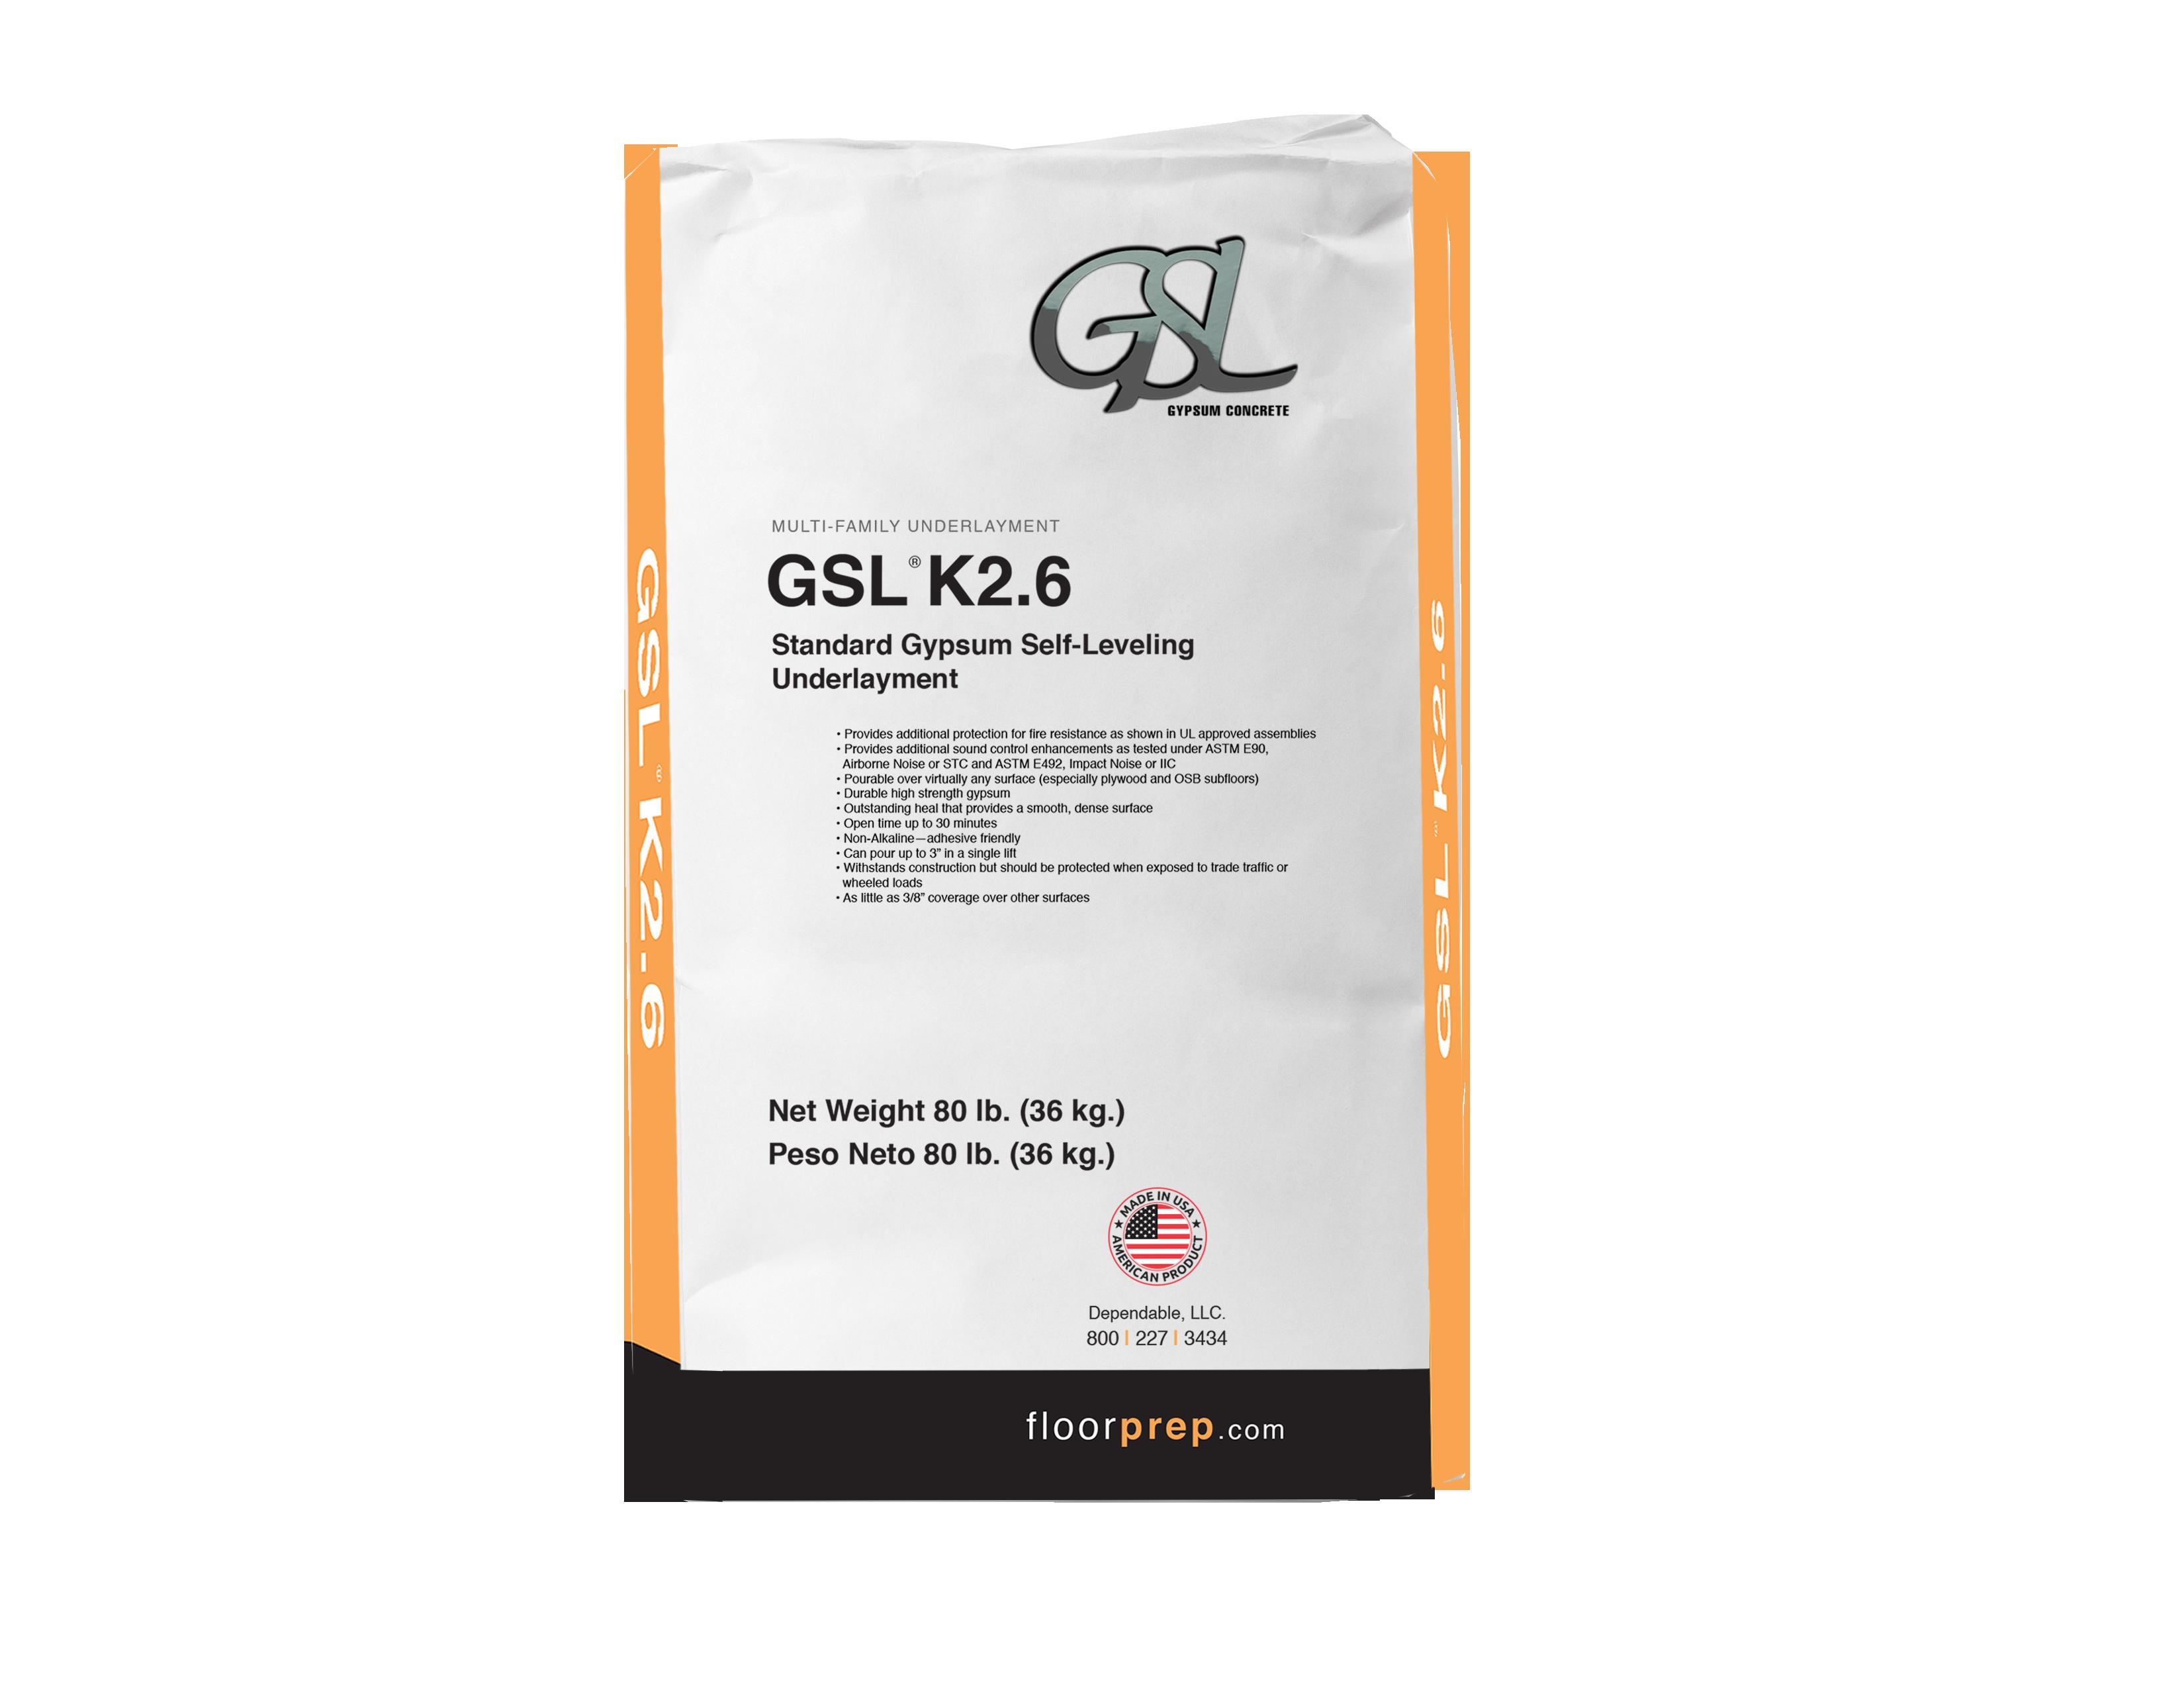 gslk2.6